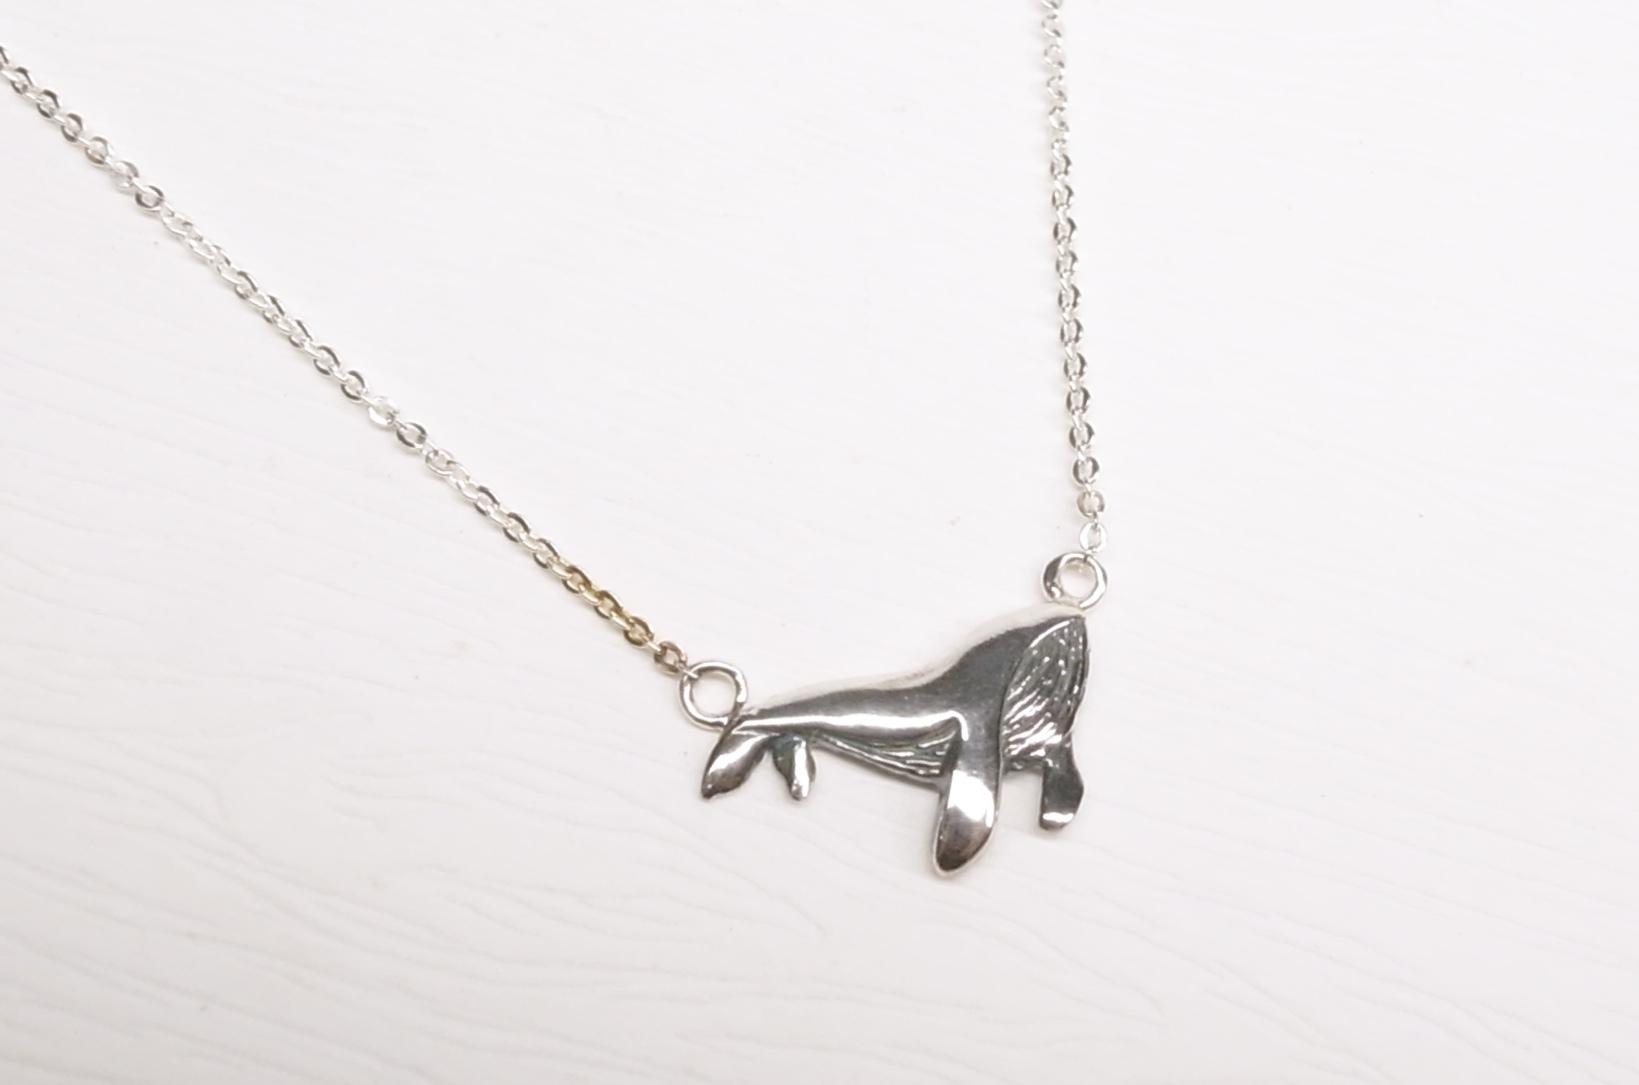 《二毛銀》【小鯨魚(尾巴朝下)純銀小短鏈】(16吋)